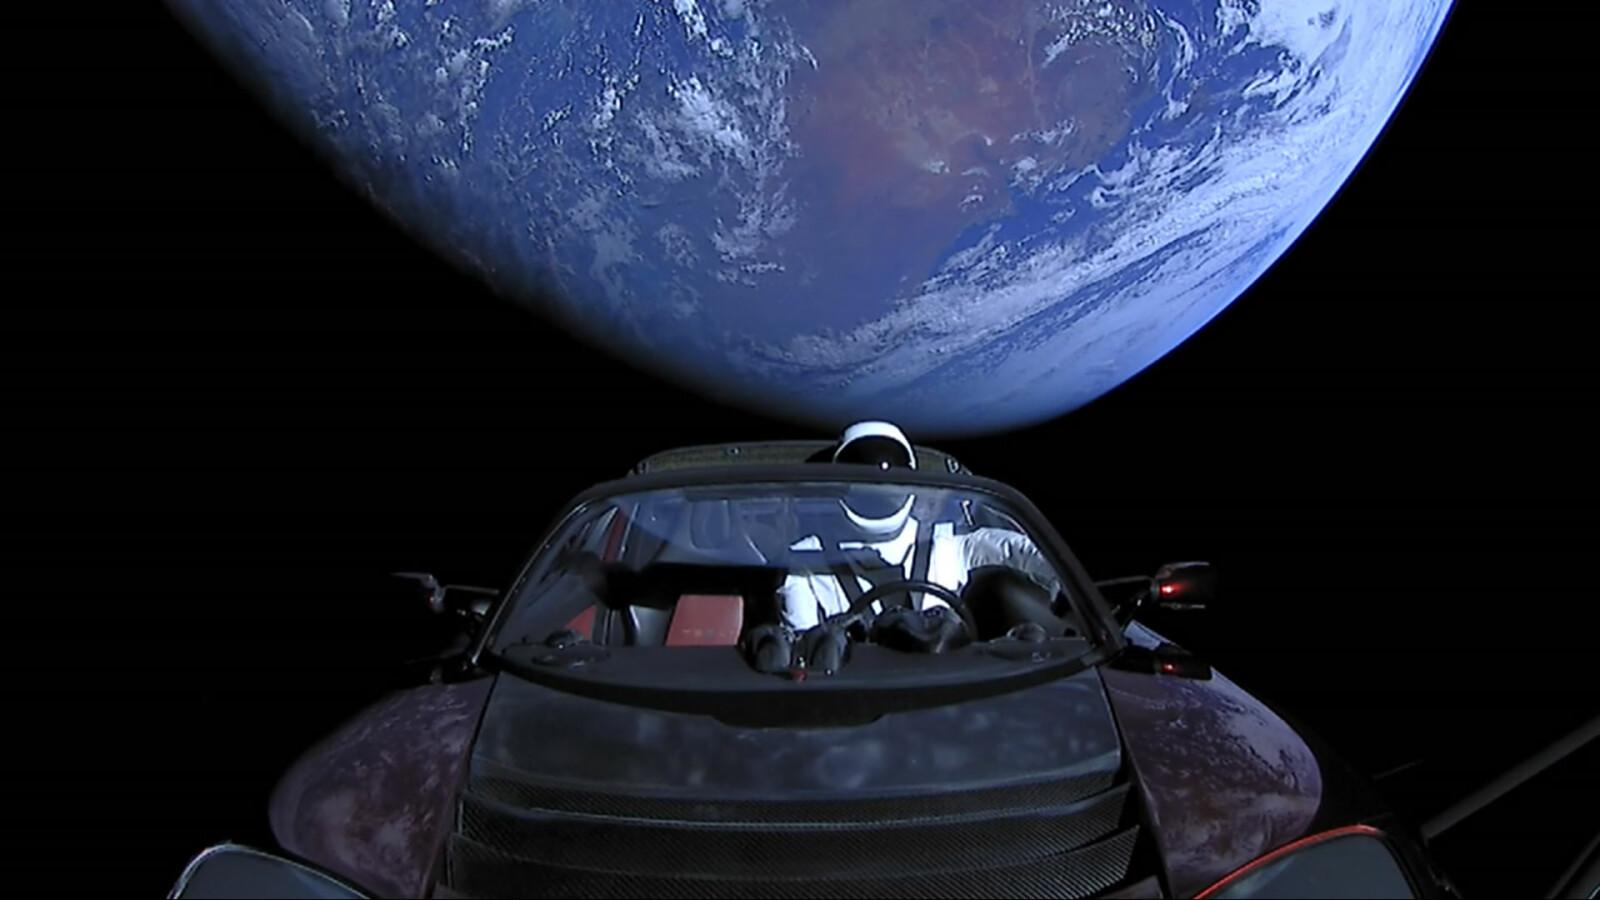 <b>STARMAN:</b> Elon Musks egen Tesla Roadster på vei vekk fra jorden på toppen av en rakett. I dag har bilen tilbakelagt over 700 millioner kilometer i verdensrommet.